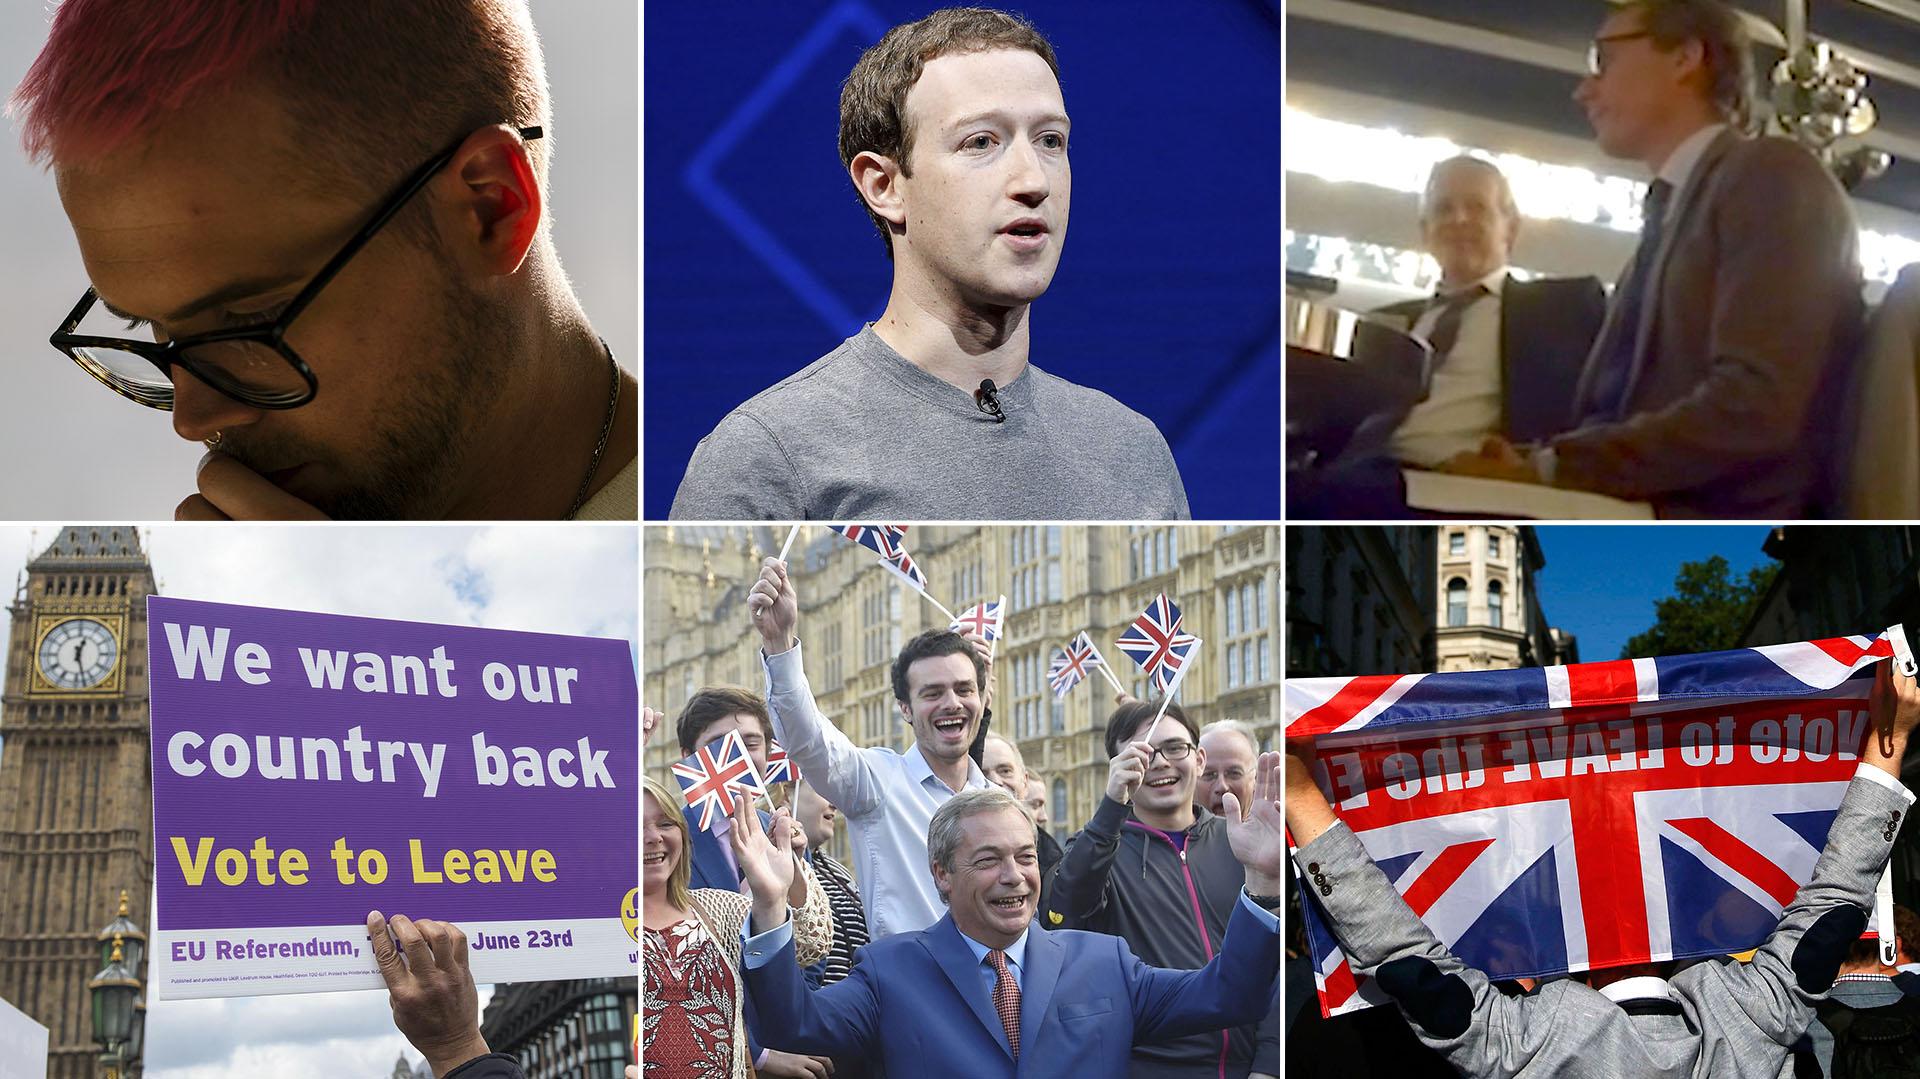 Cambridge Analytica usó datos de Facebook para influir en los votantes a favor del Brexit, entre otras elecciones